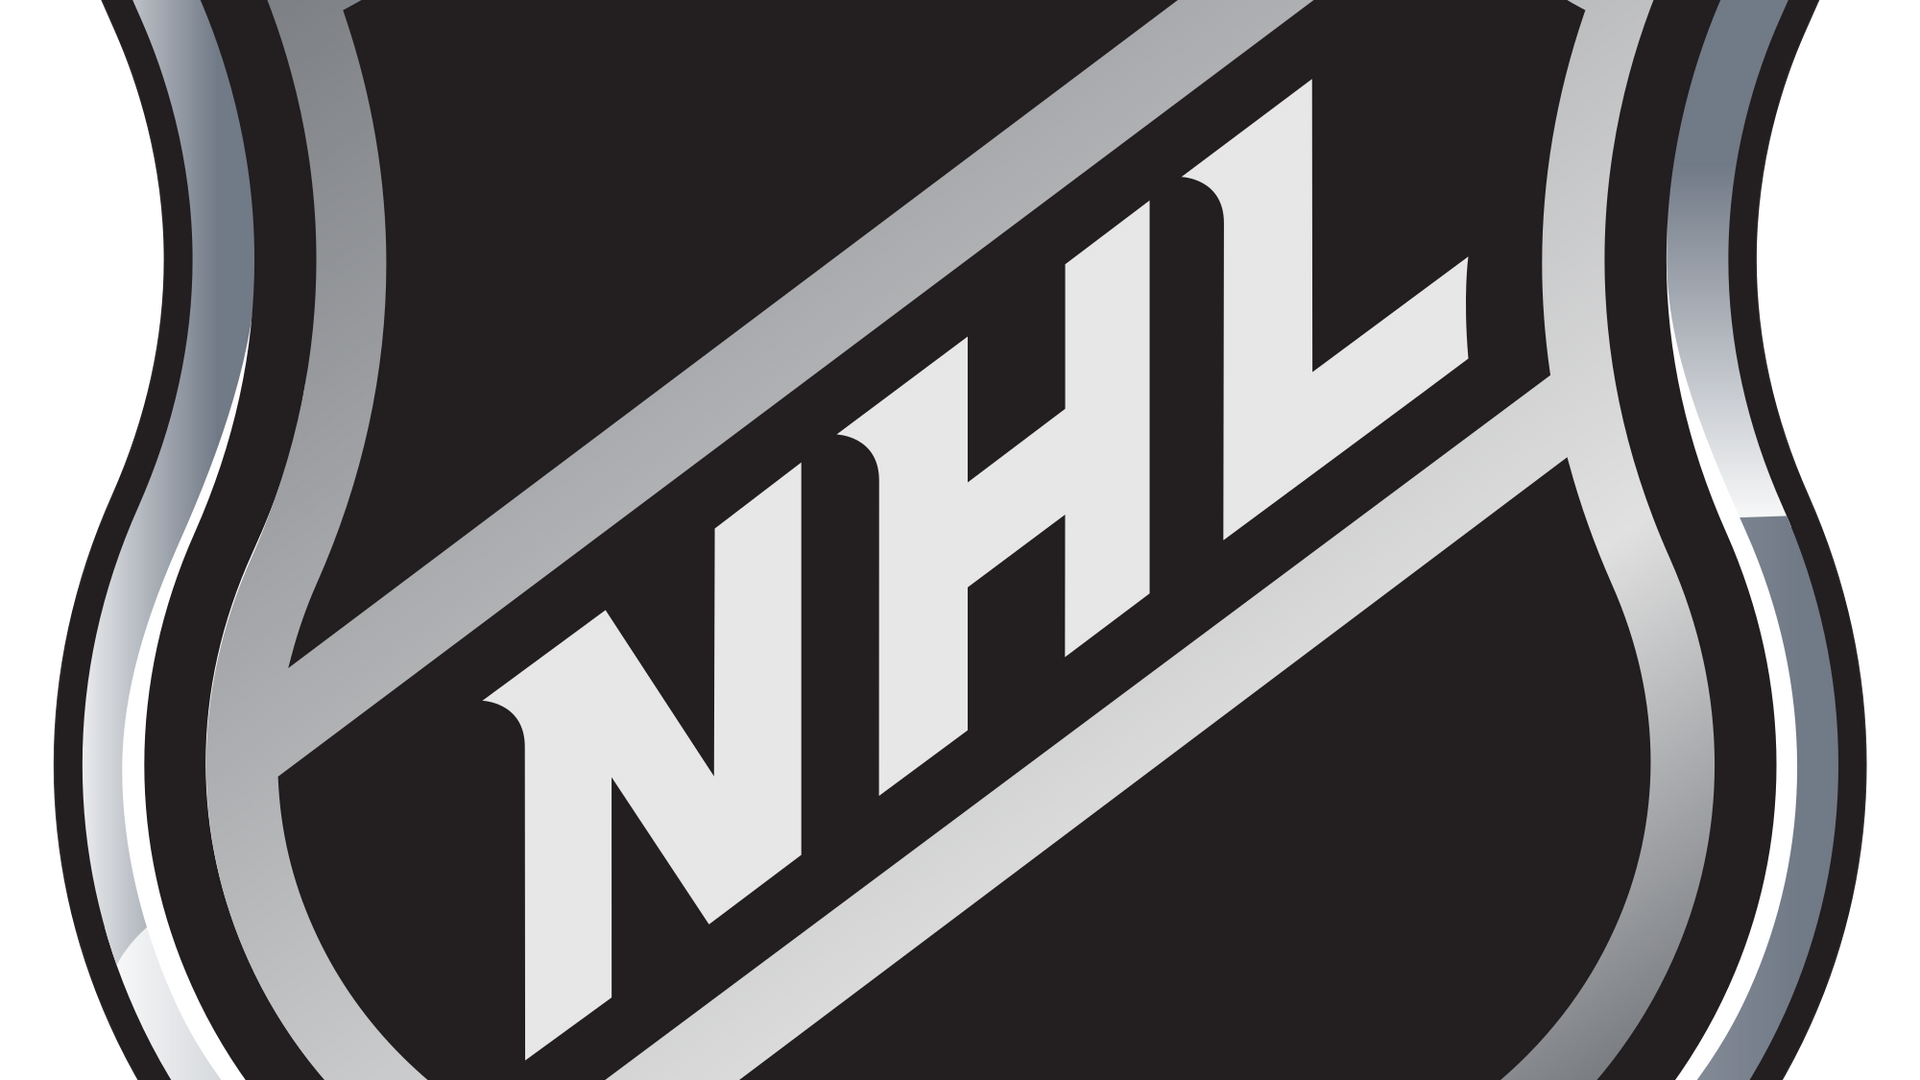 Логотип Национальной хоккейной лиги - РИА Новости, 1920, 17.09.2021